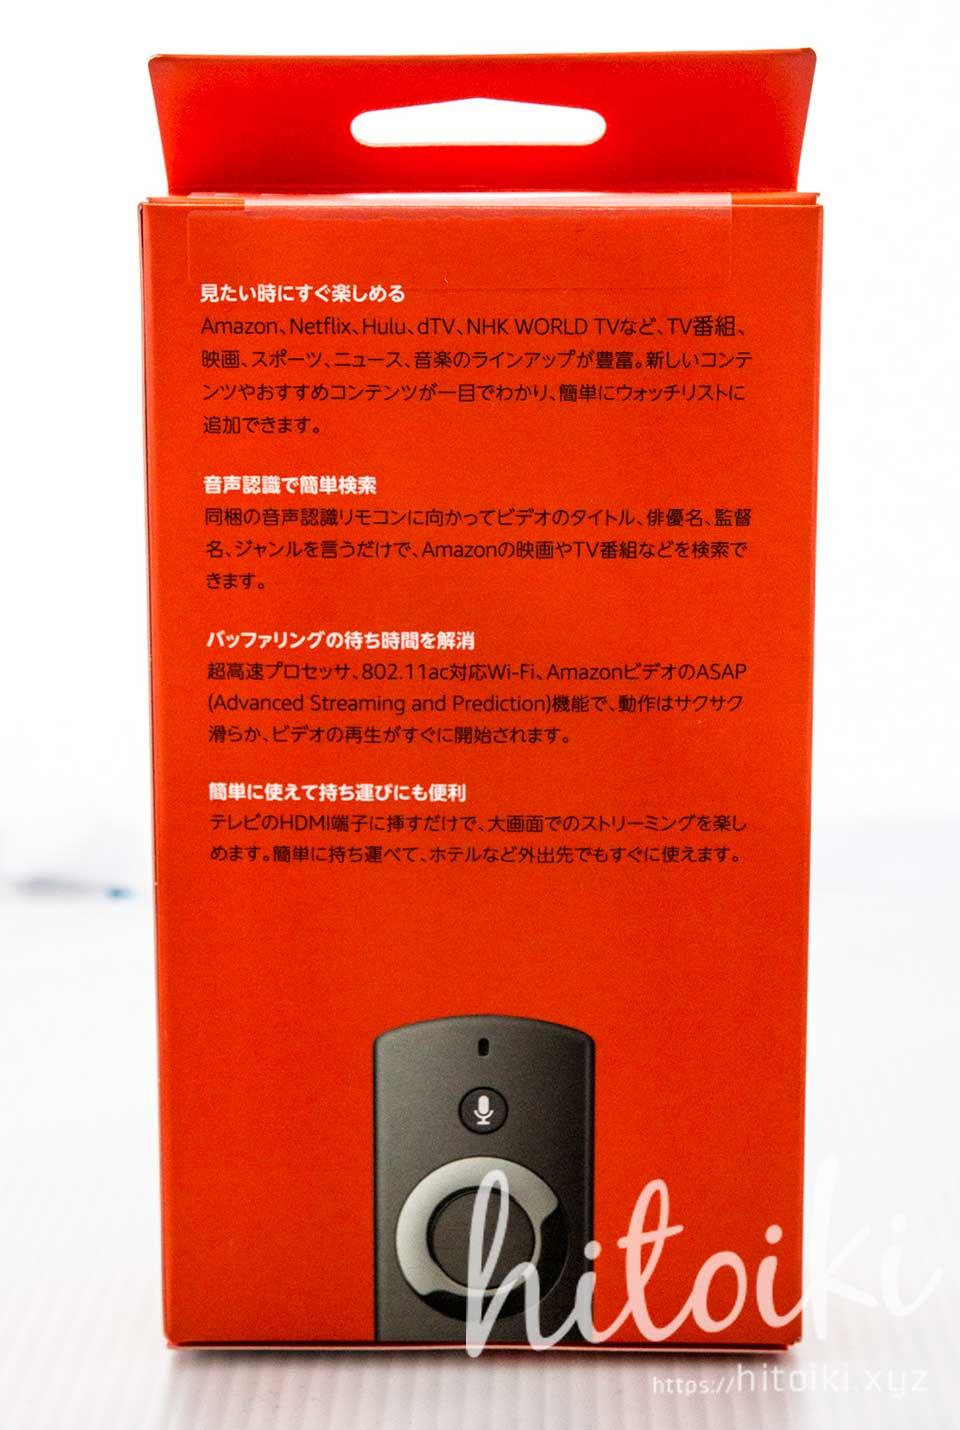 アマゾン fire tv stick の同梱物やレビュー amazon_firetvstick_img_6573